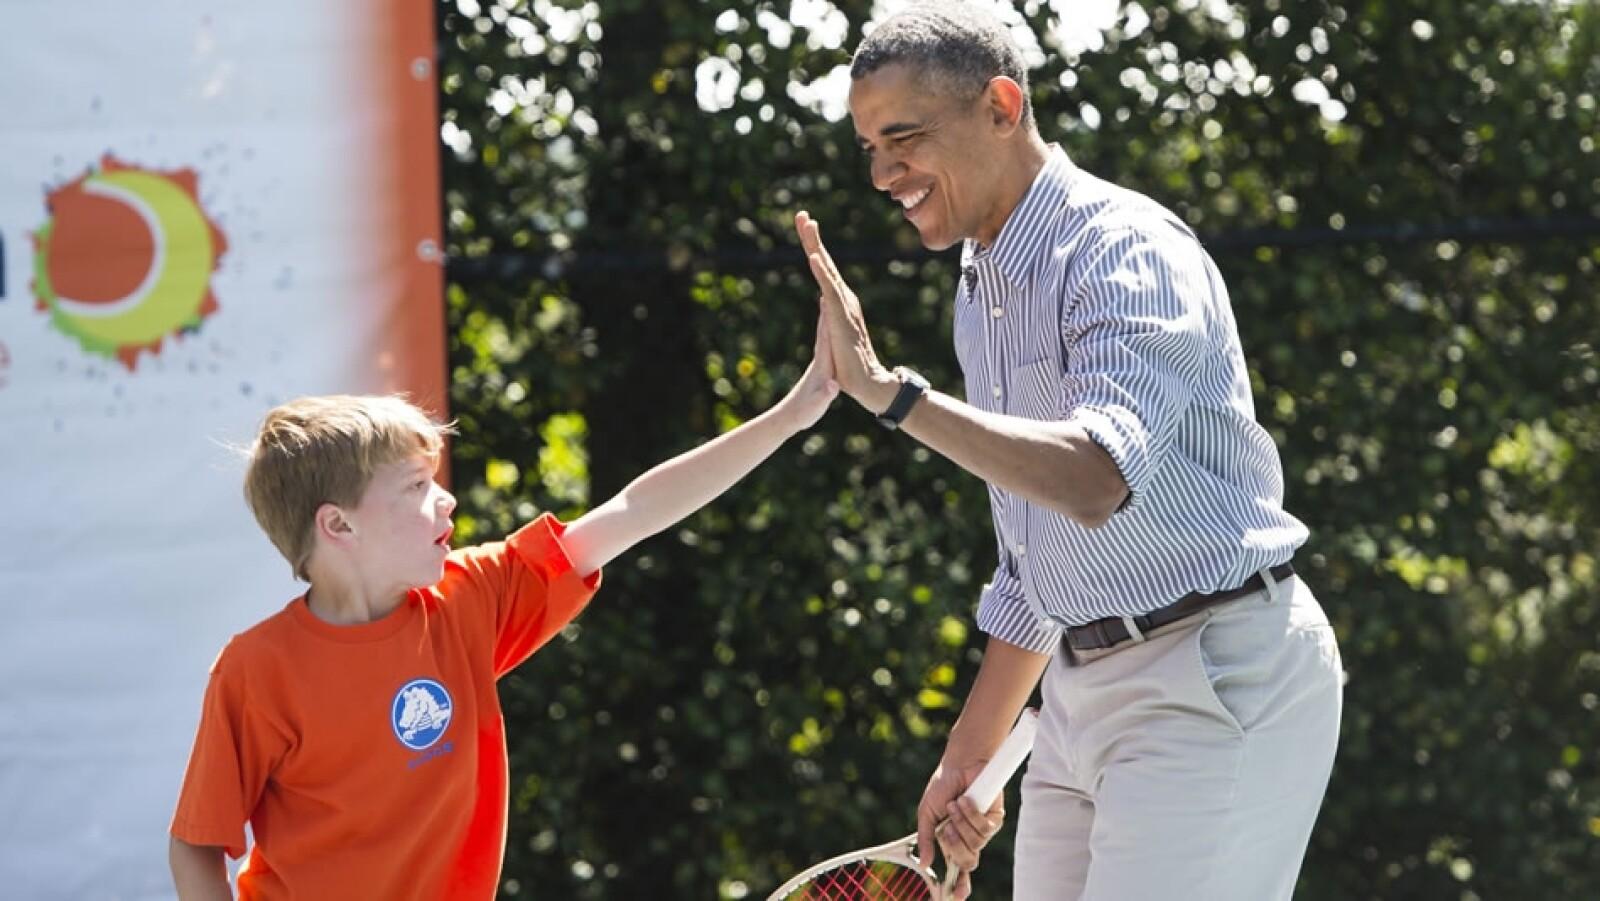 Barack Obama festeja con un niño que fue su compañero de equipo tras una partida de tenis